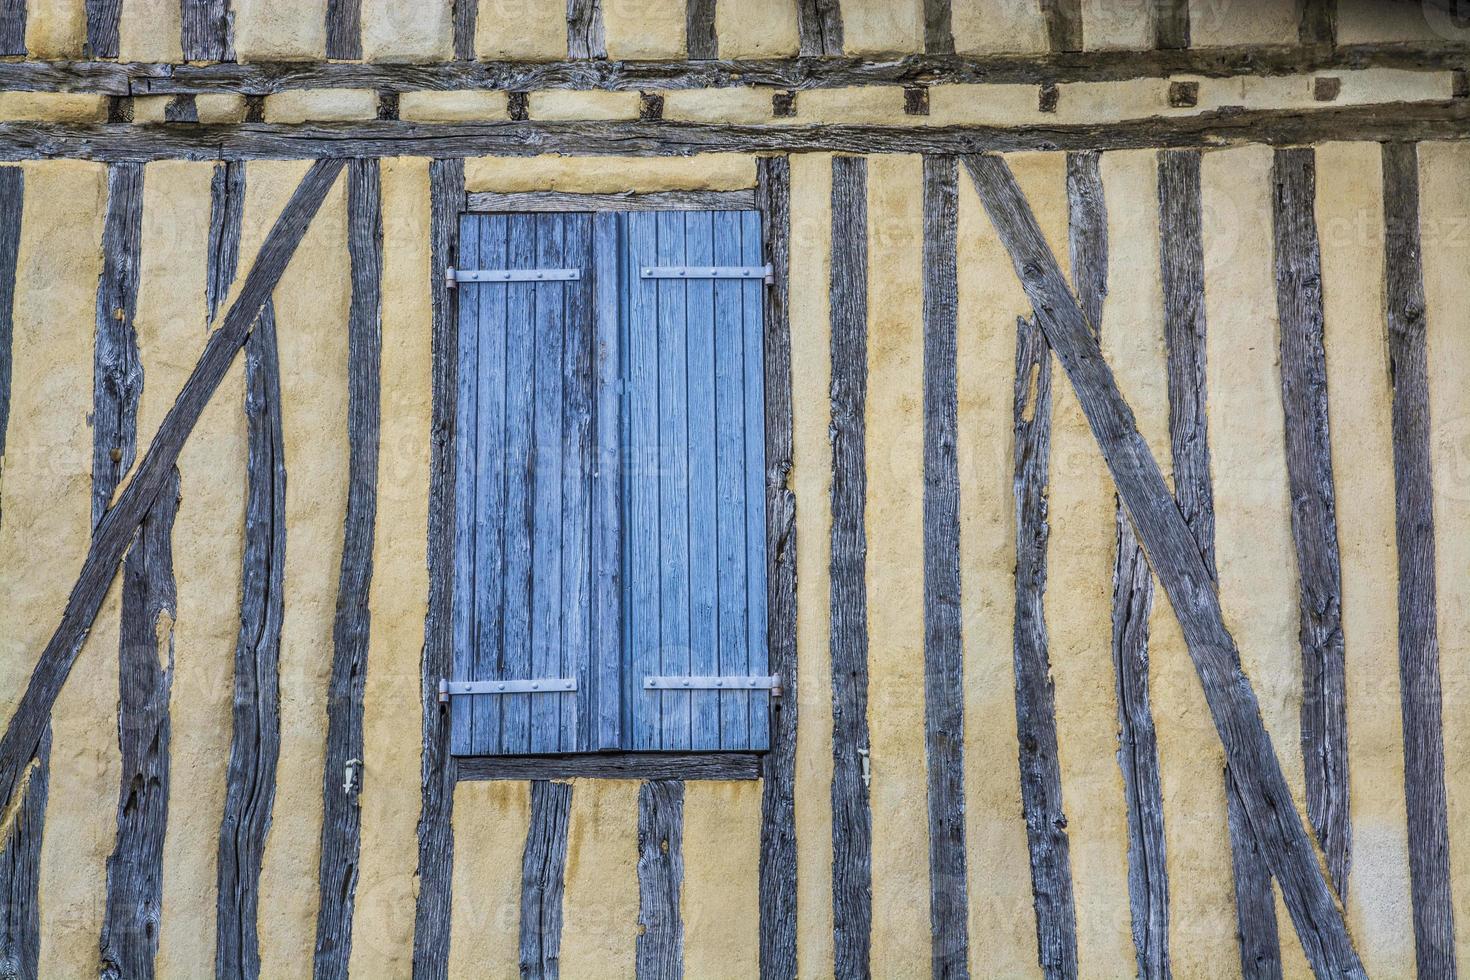 alte Mauer mit engen Fensterläden foto